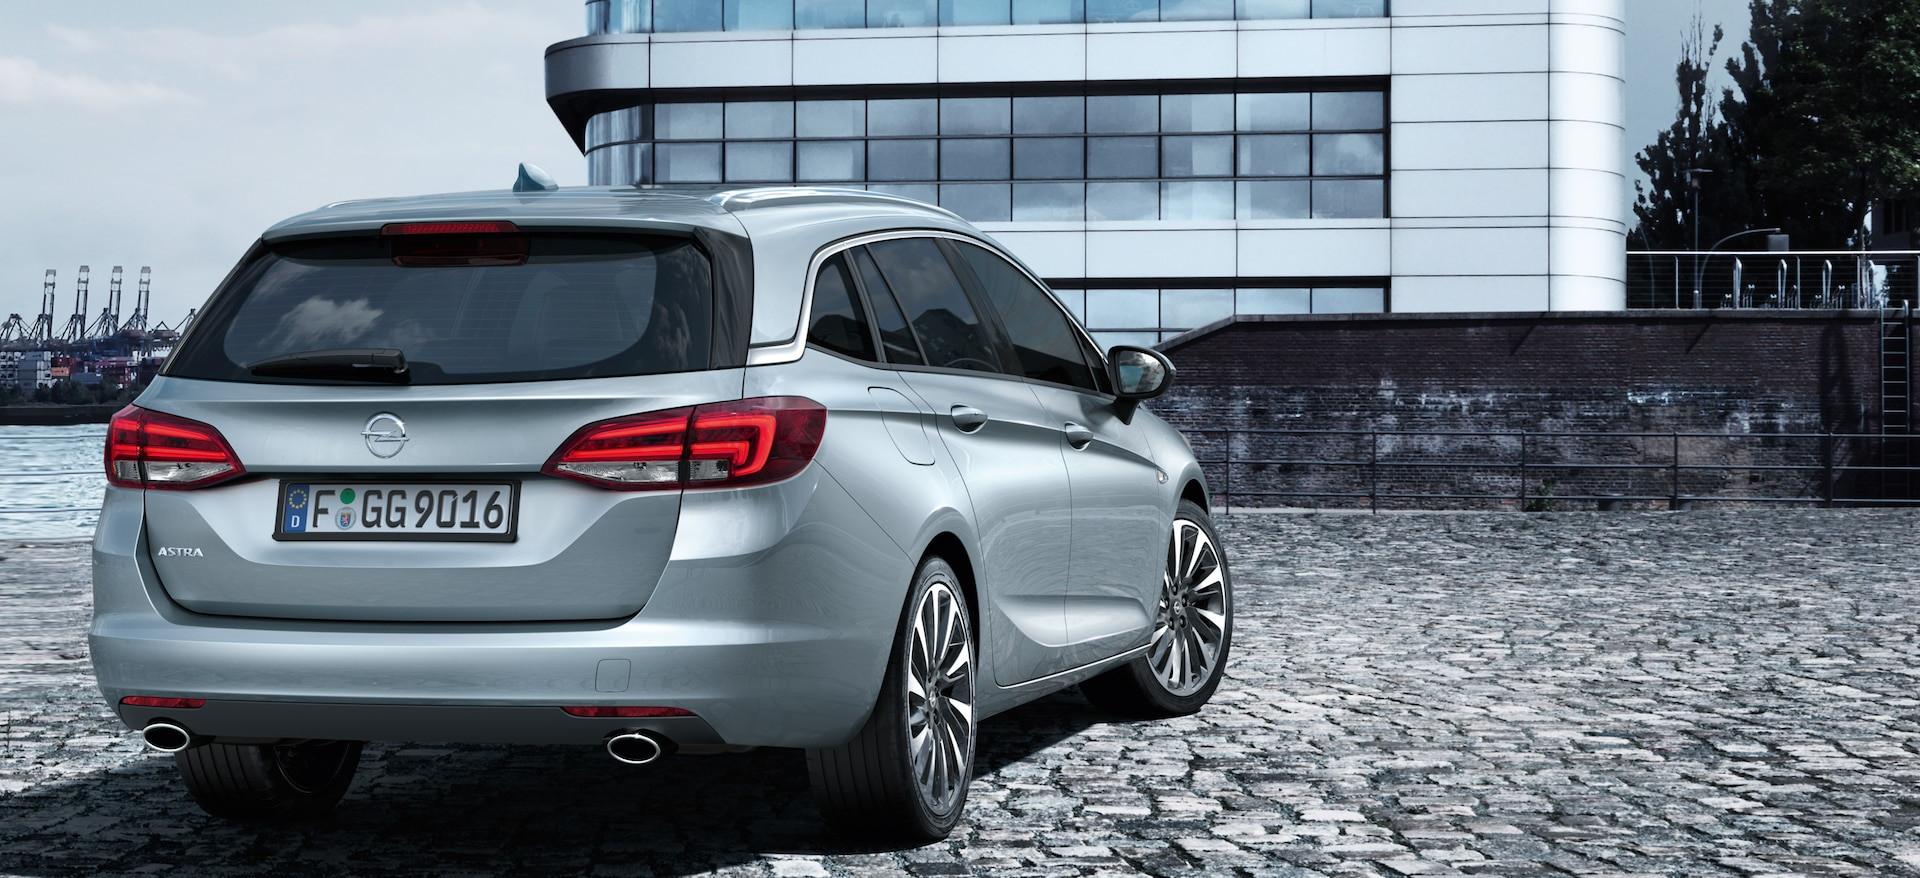 Opel_Astra_SportsTourer_LED_Lights_21x9_